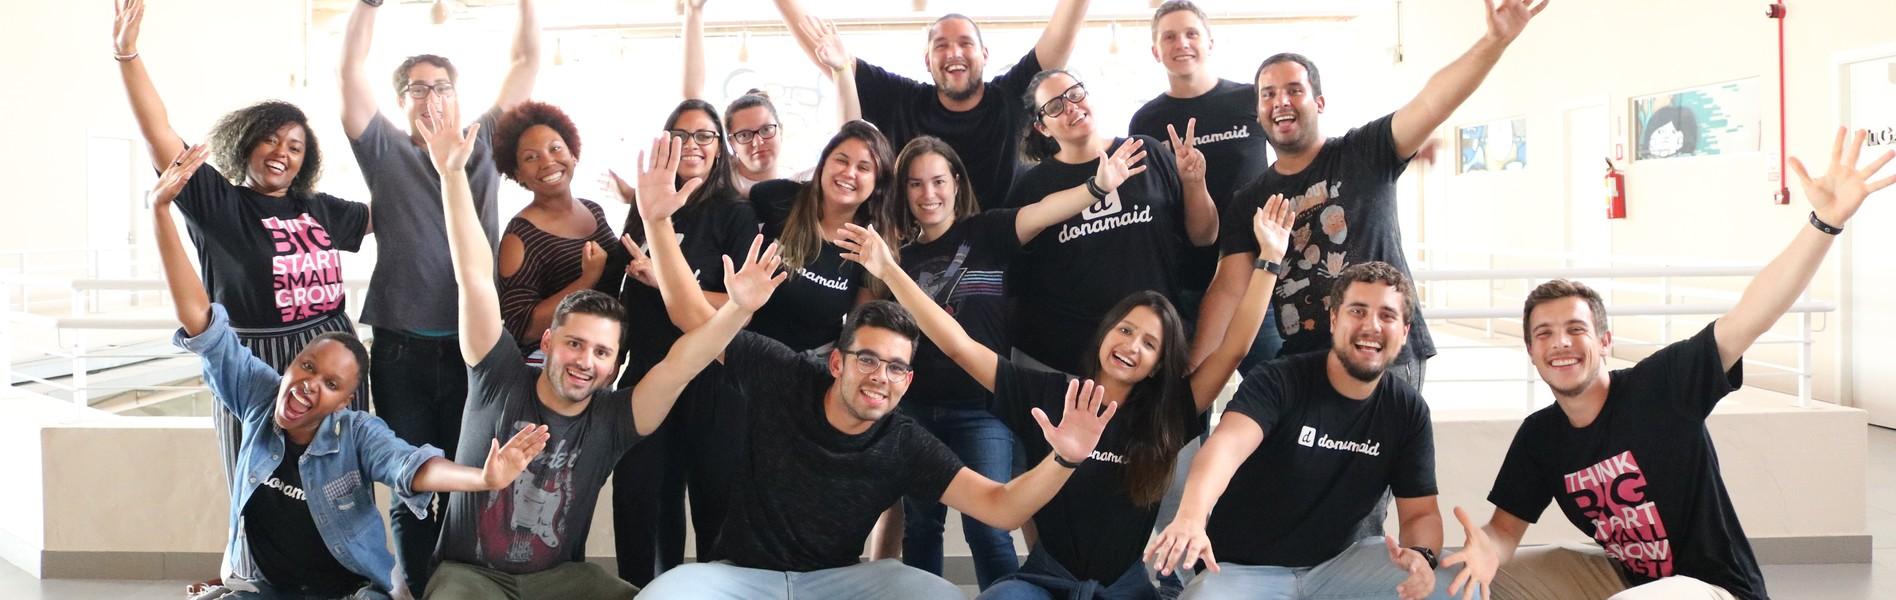 Donamaid, startup de contratação de faxinas, recebe investimento no Pitch Day An Lab